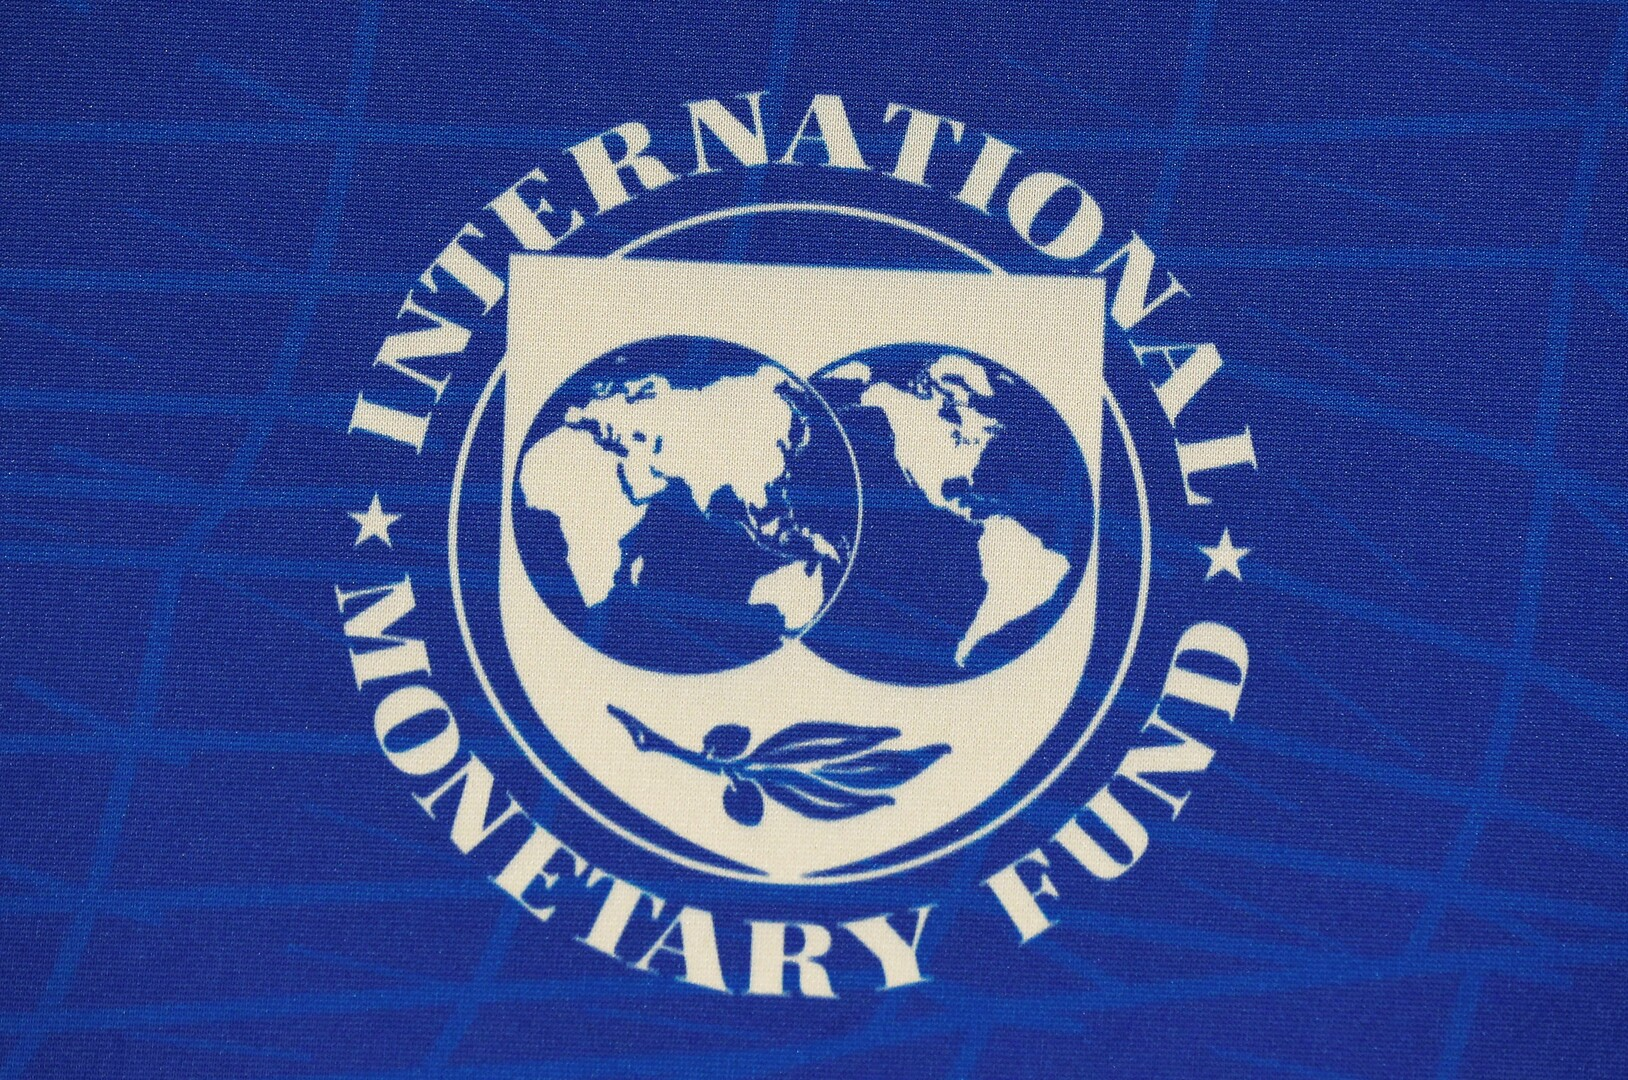 رئيس أكبر المصارف الروسية ينعي  صندوق النقد الدولي